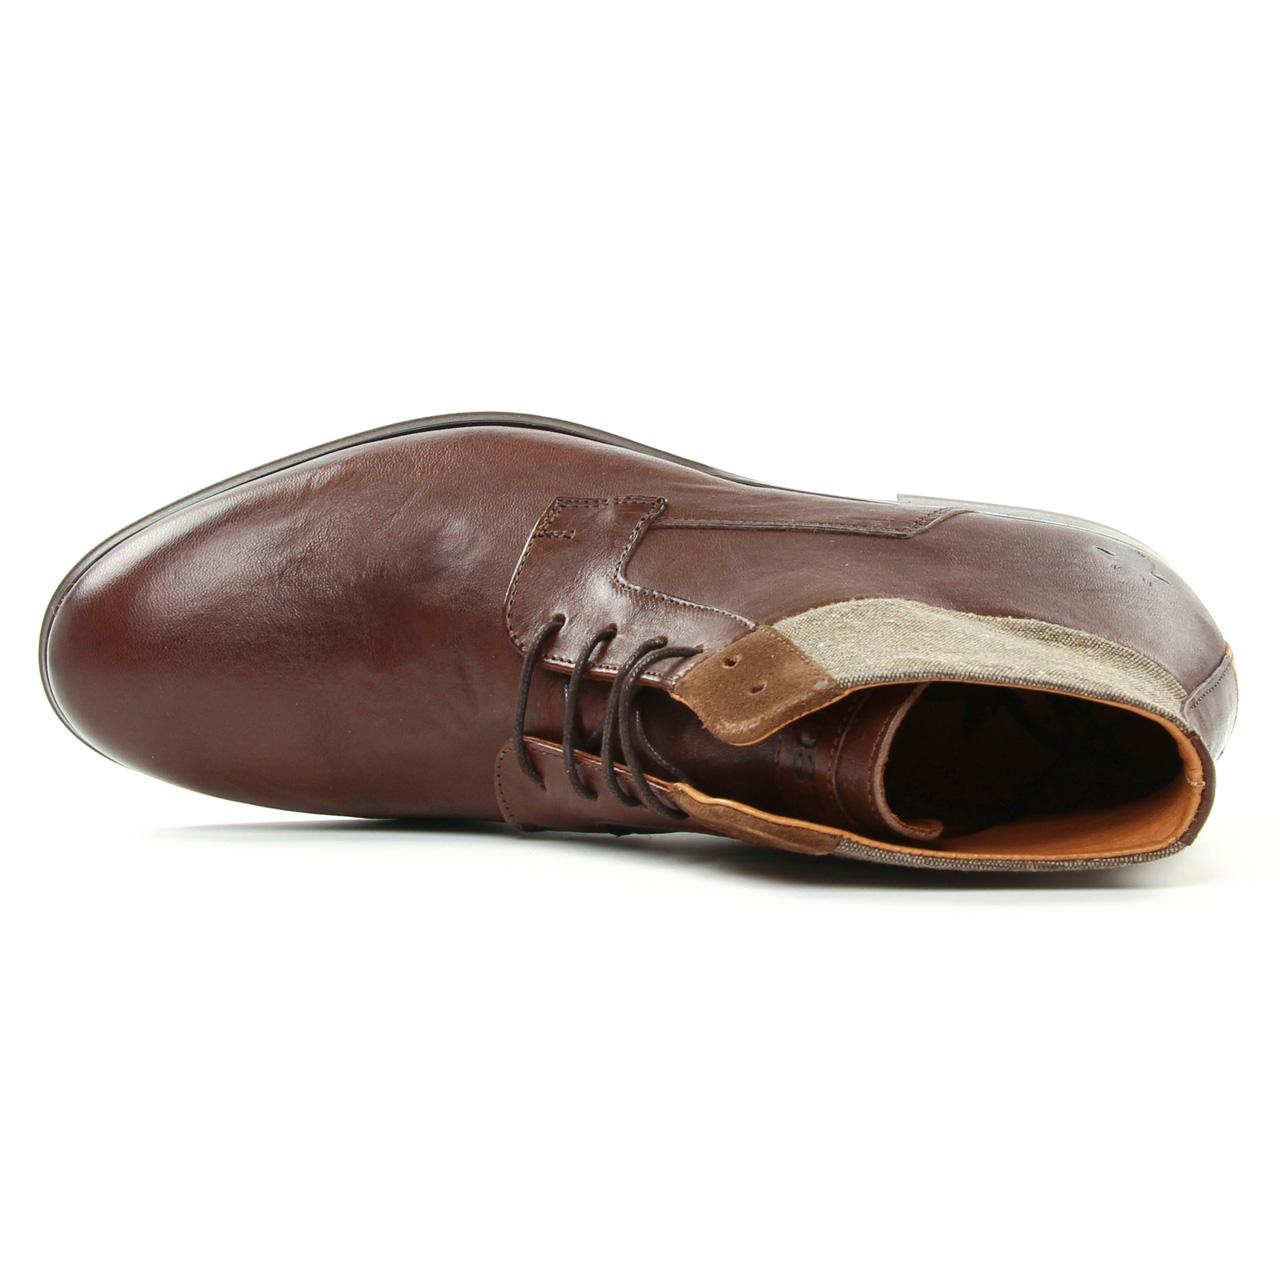 Kost Criol Marron | boots marron automne hiver chez TROIS PAR 3